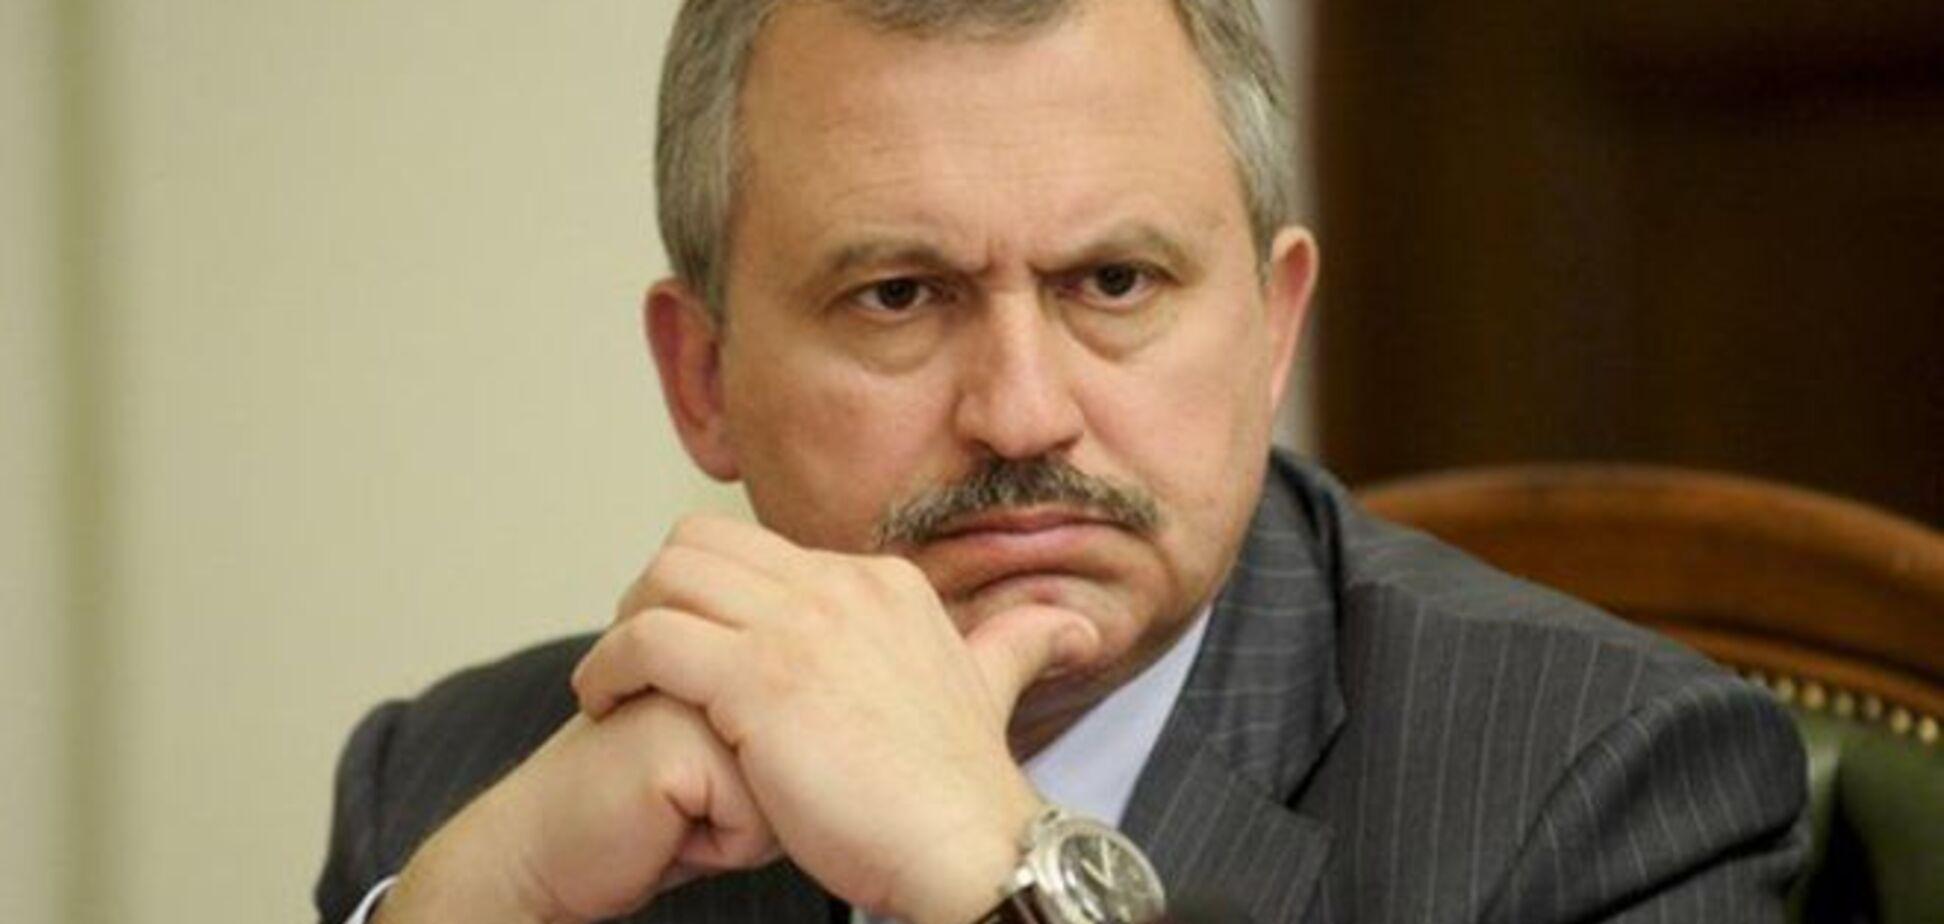 За проявленное в Славянске малодушие 15 военнослужащих могут пойти под суд